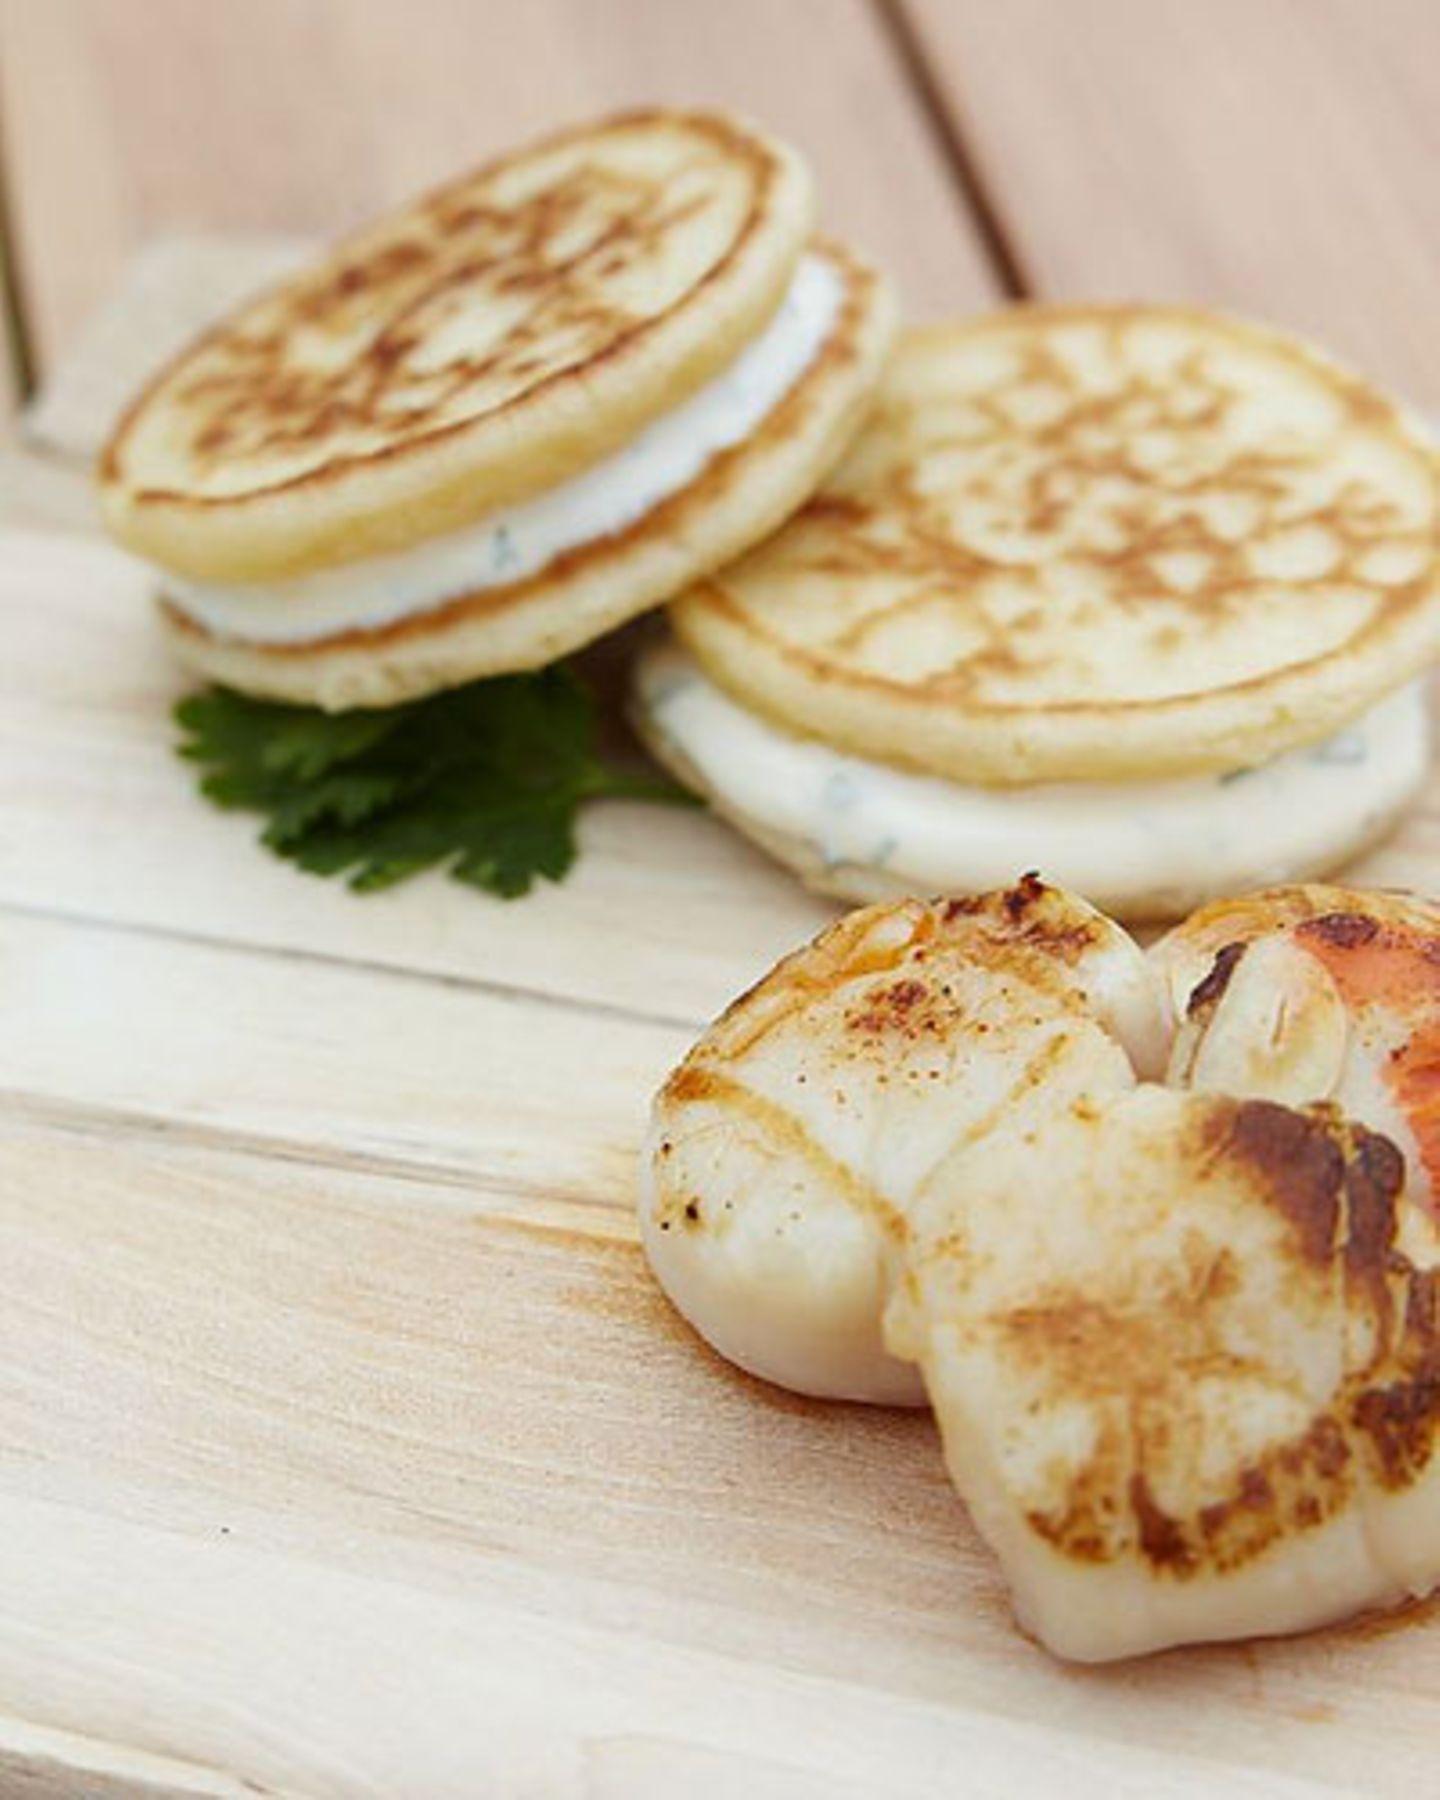 Camping Rezepte: Blini-Burger